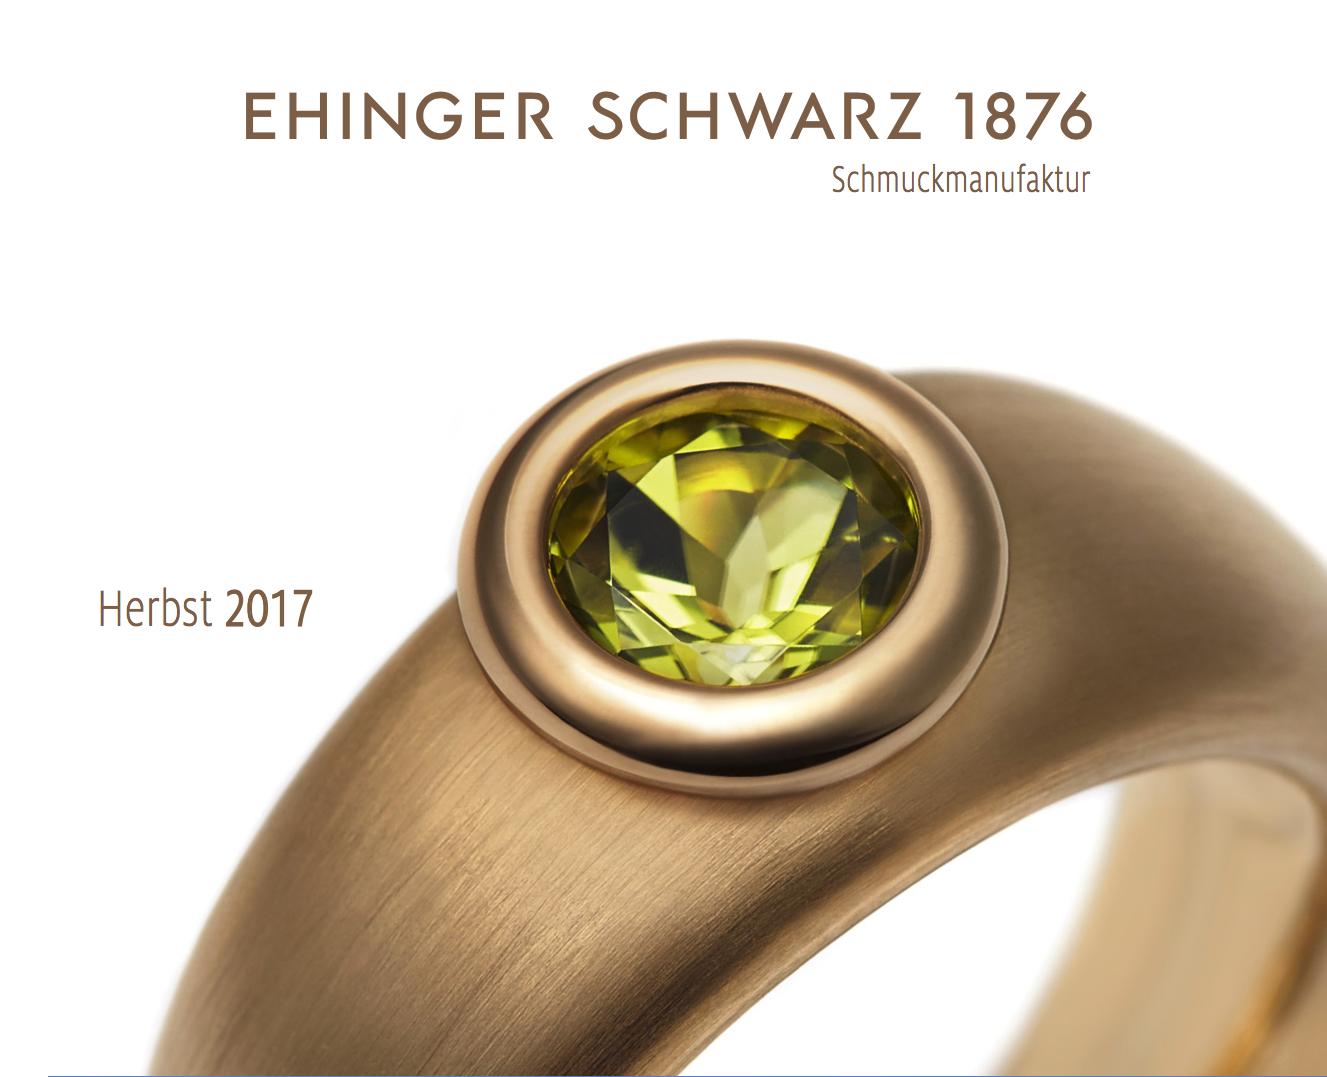 ehinger-schwarz-1876-v2-herbst-2017